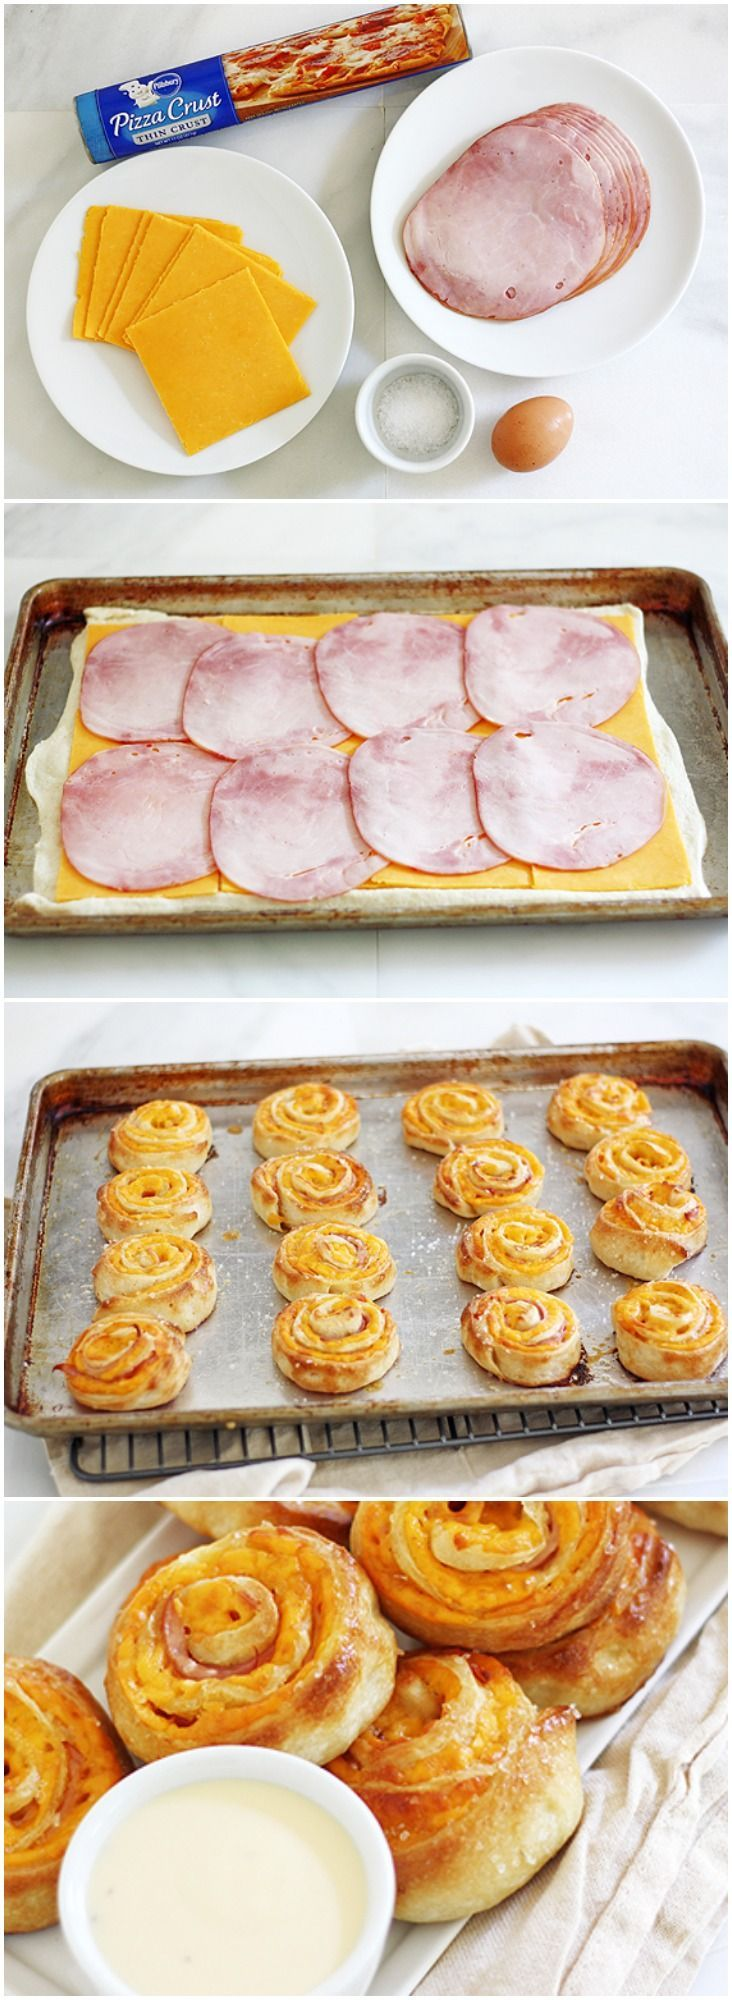 bedek bladerdeeg met ham, cheddar, rol op, snij 2 cm schijven, besmeer met eigeel, gruyère en bak in de oven